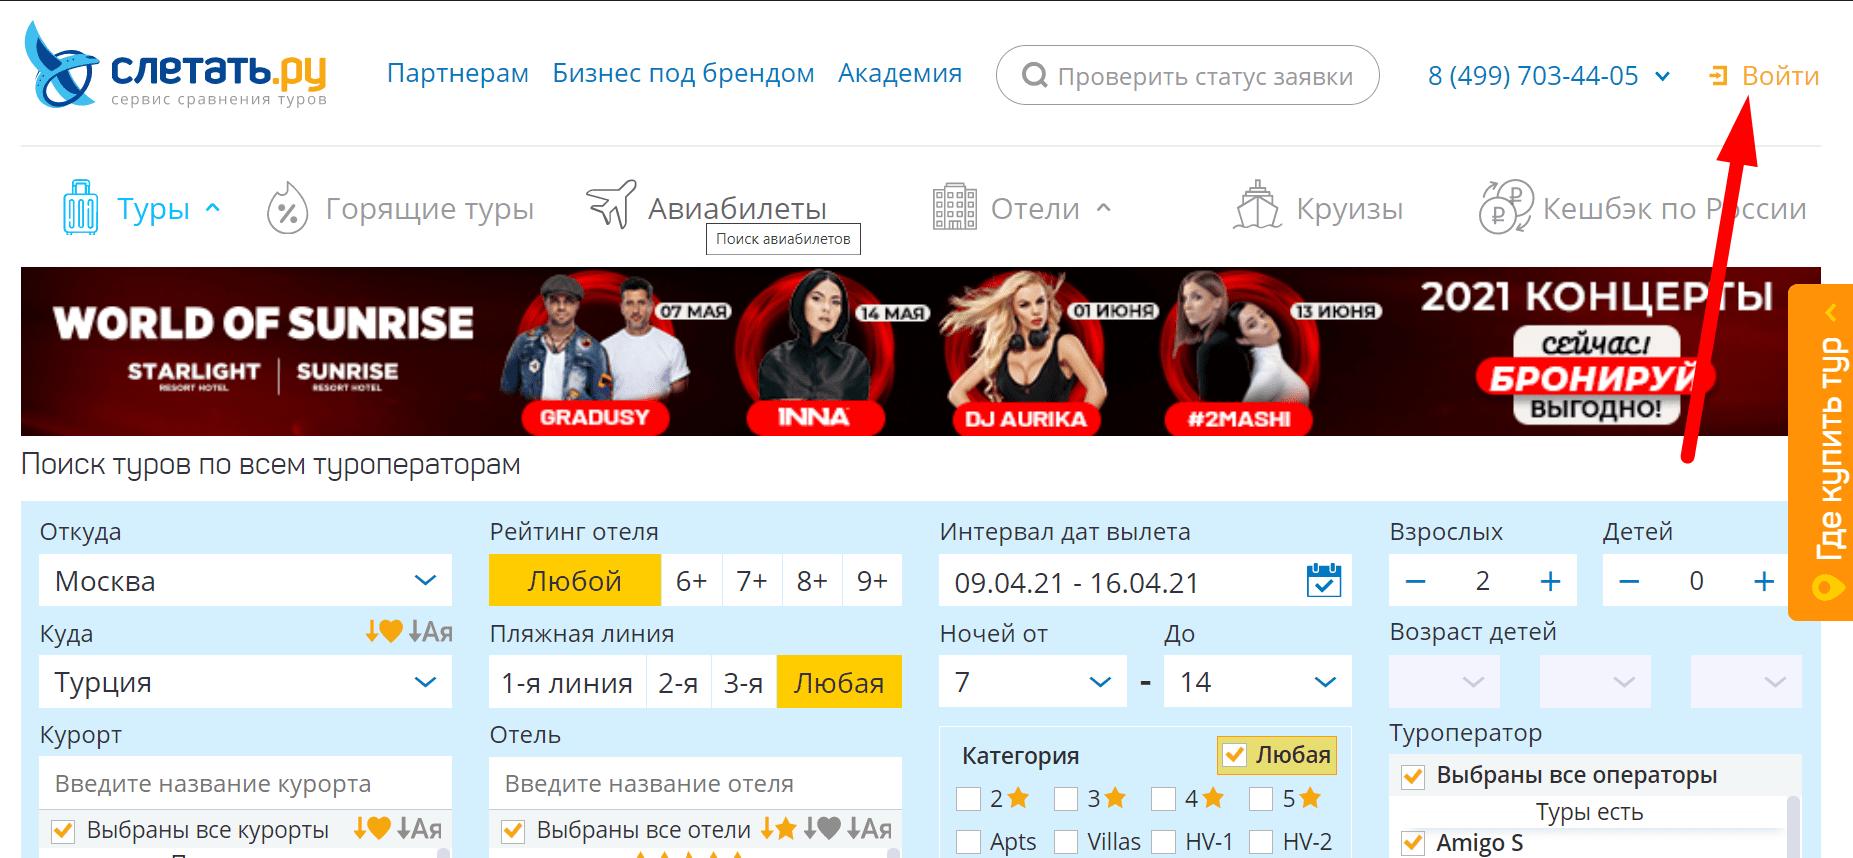 Ссылка на сайт турофиса «Слетать.ру»